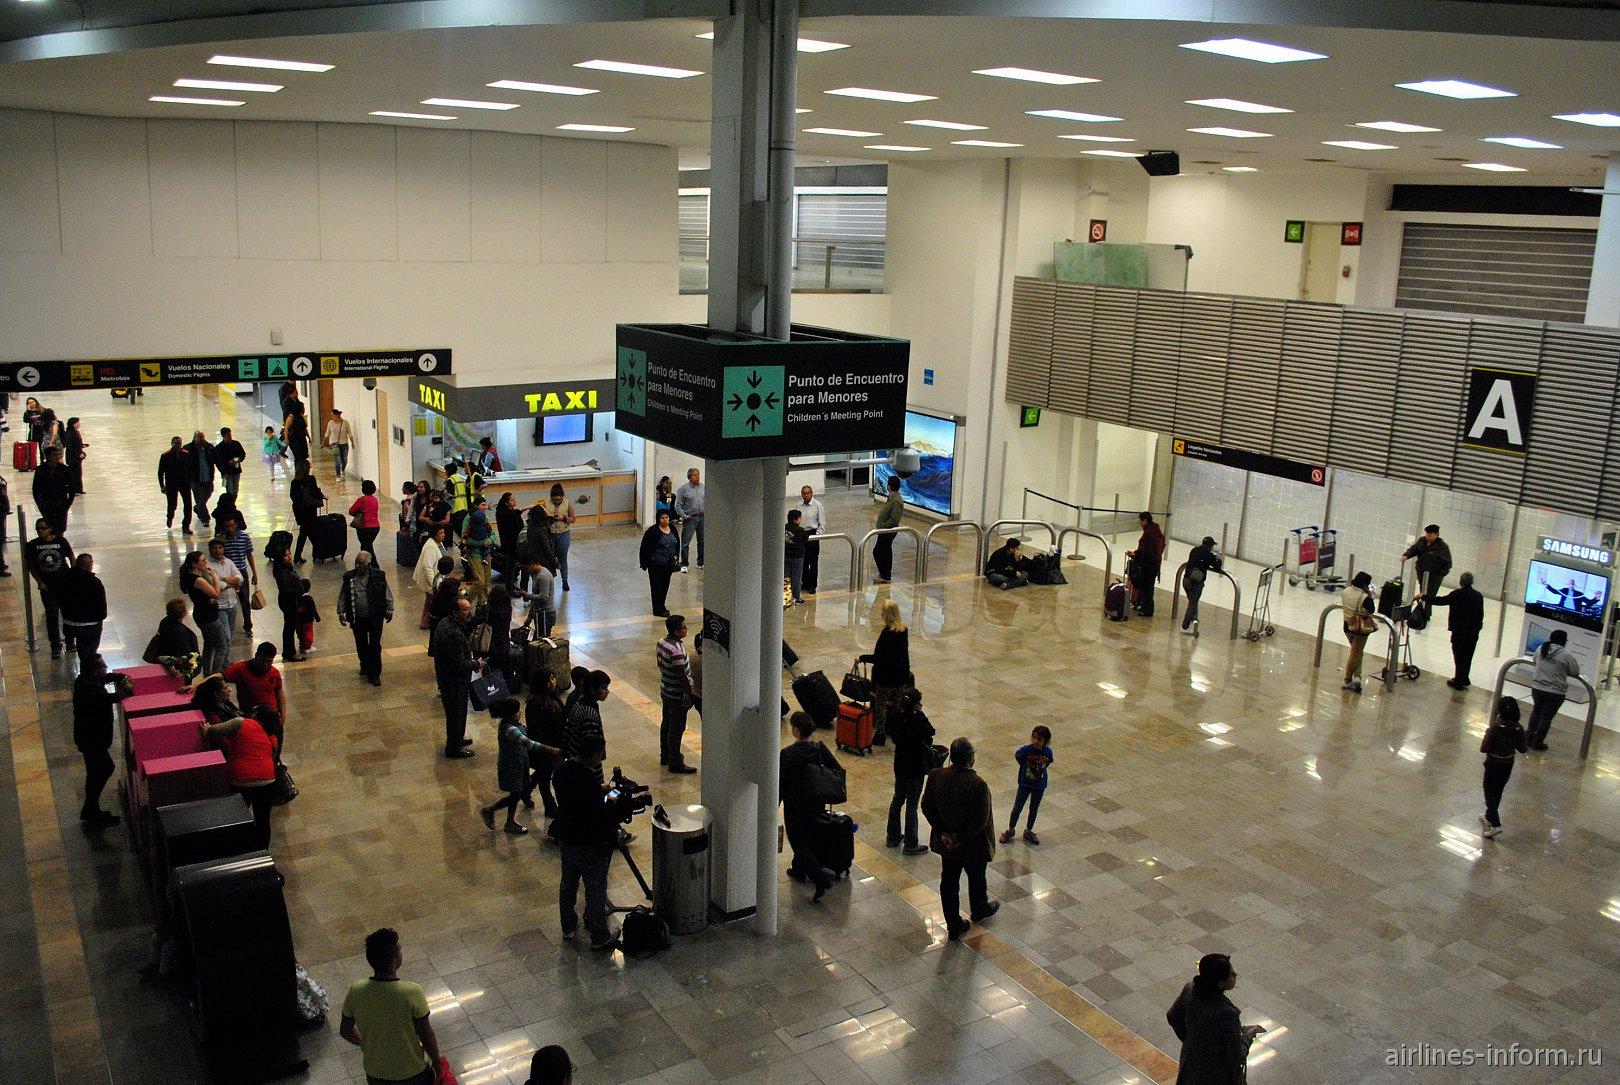 Зал А прилета внутренних авиалиний в терминале Т1 аэропорта Мехико Бенито Хуарес